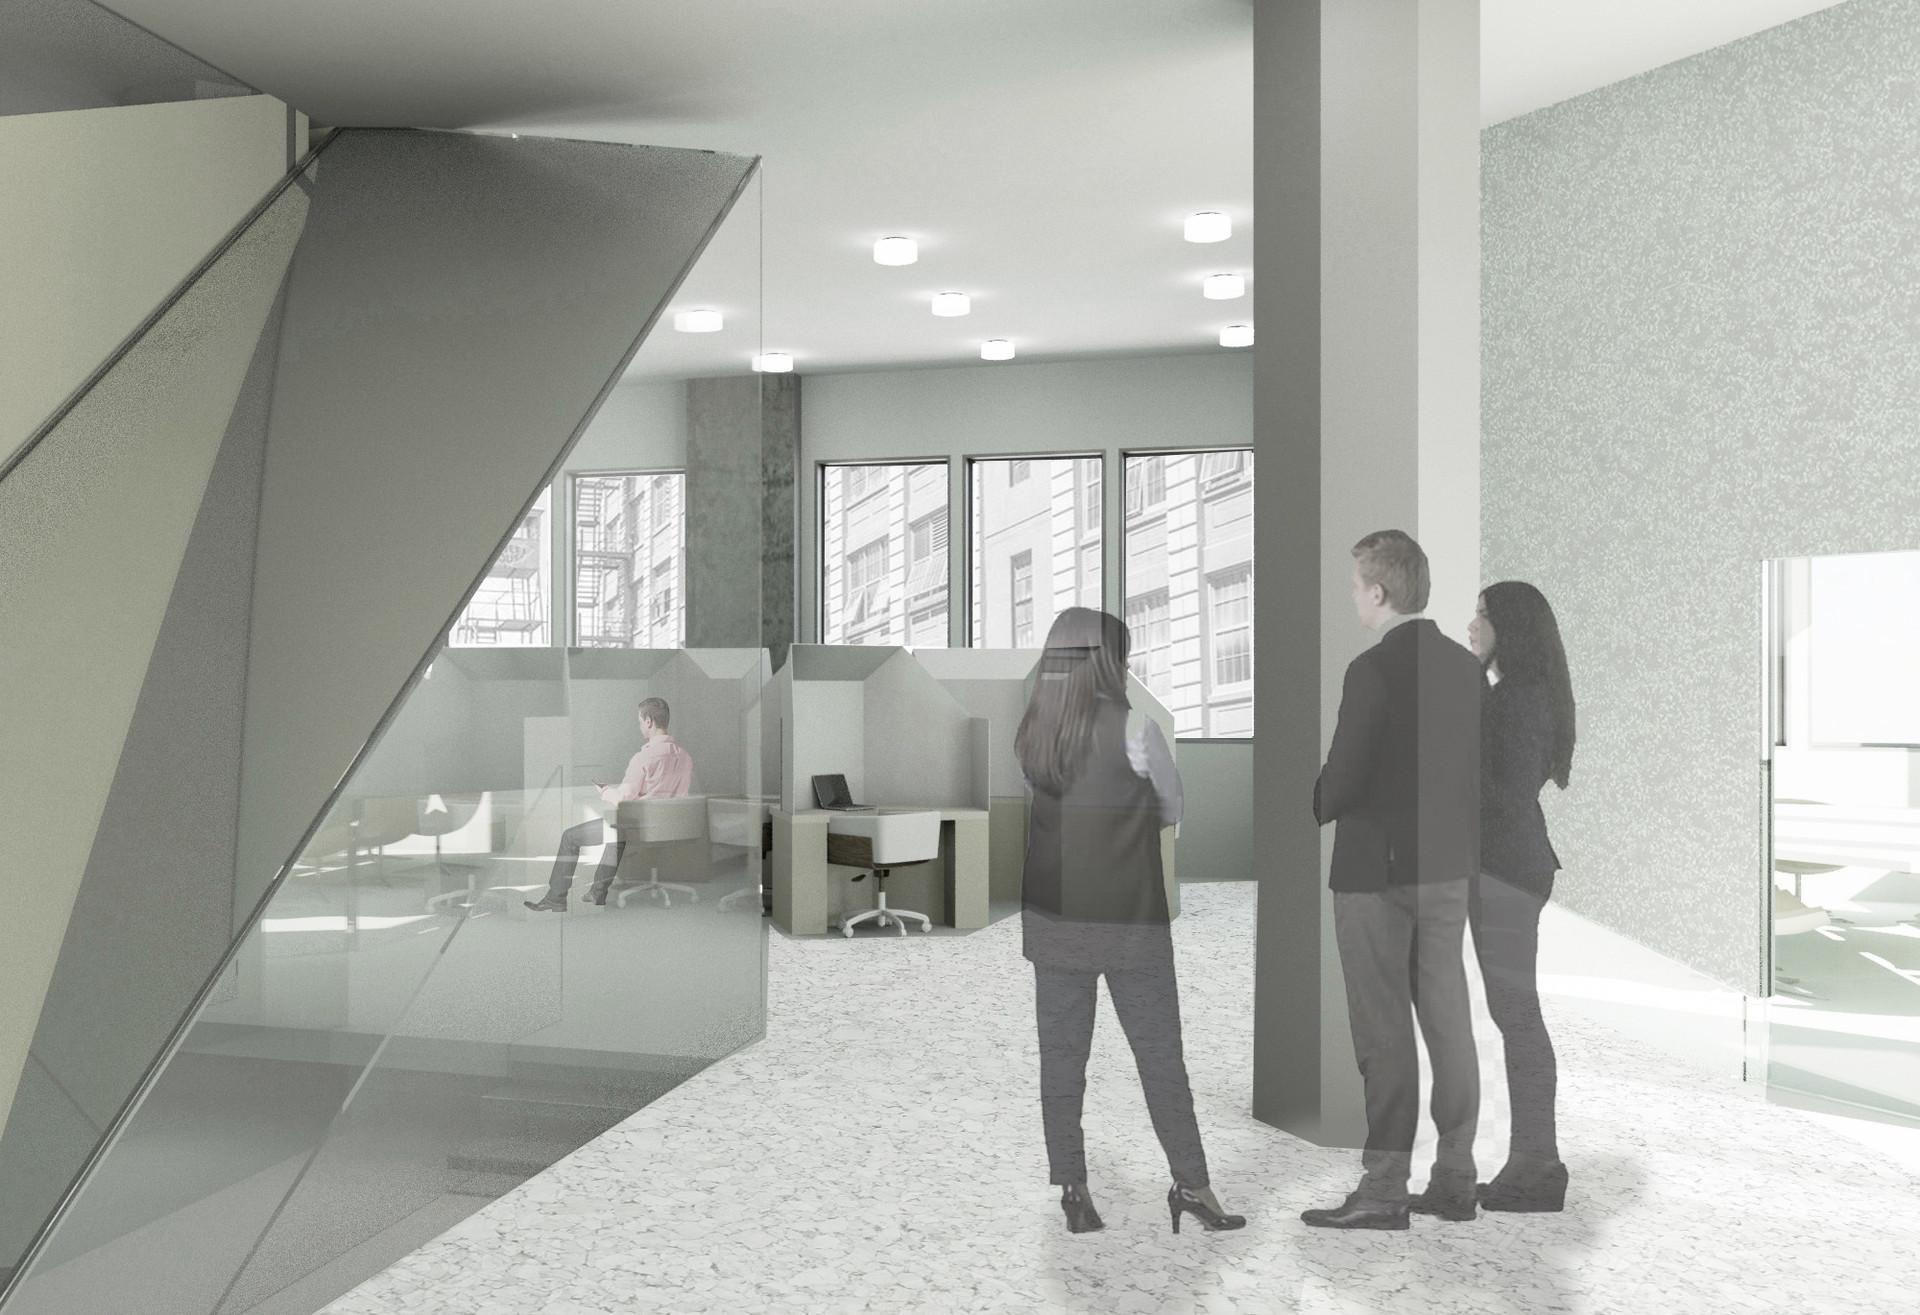 View of 2nd floor open area